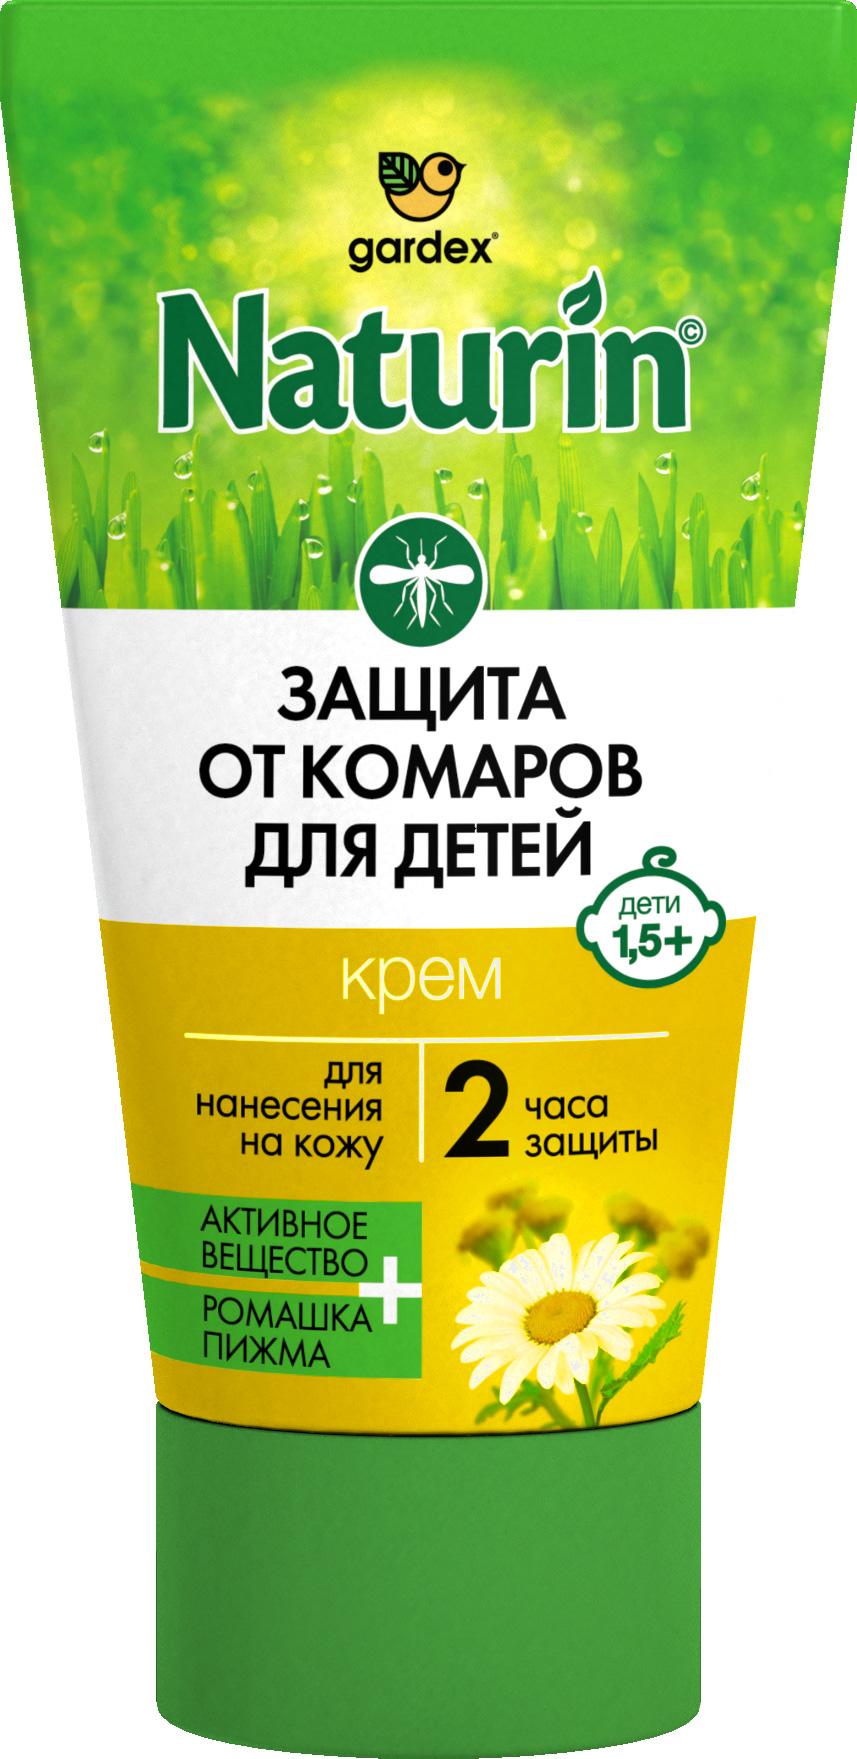 Крем-гель от комаров Naturin, 40 мл38580120Крем-гель детский от комаров Gardex Naturin является надежным защитником от укусов комаров, мокрецов и насекомых на протяжении 2 часов. Сочетает в себе эфирные масла ромашки и пижмы, которые являются общепризнанными репеллентами и обладают природным защитным свойством, а также усиливают действие активного компонента. Подходит для детей от 1,5 лет. Состав: N, N-диэтилтолуамид – 5%, пропиленгликоль, масло вазелиновое, глицерин, сорбитол, карбопол, гидроокись натрия, катон, эмульгин, аллантоин, эфирные масла ромашки и пижмы (отдушка), вода. Товар сертифицирован.